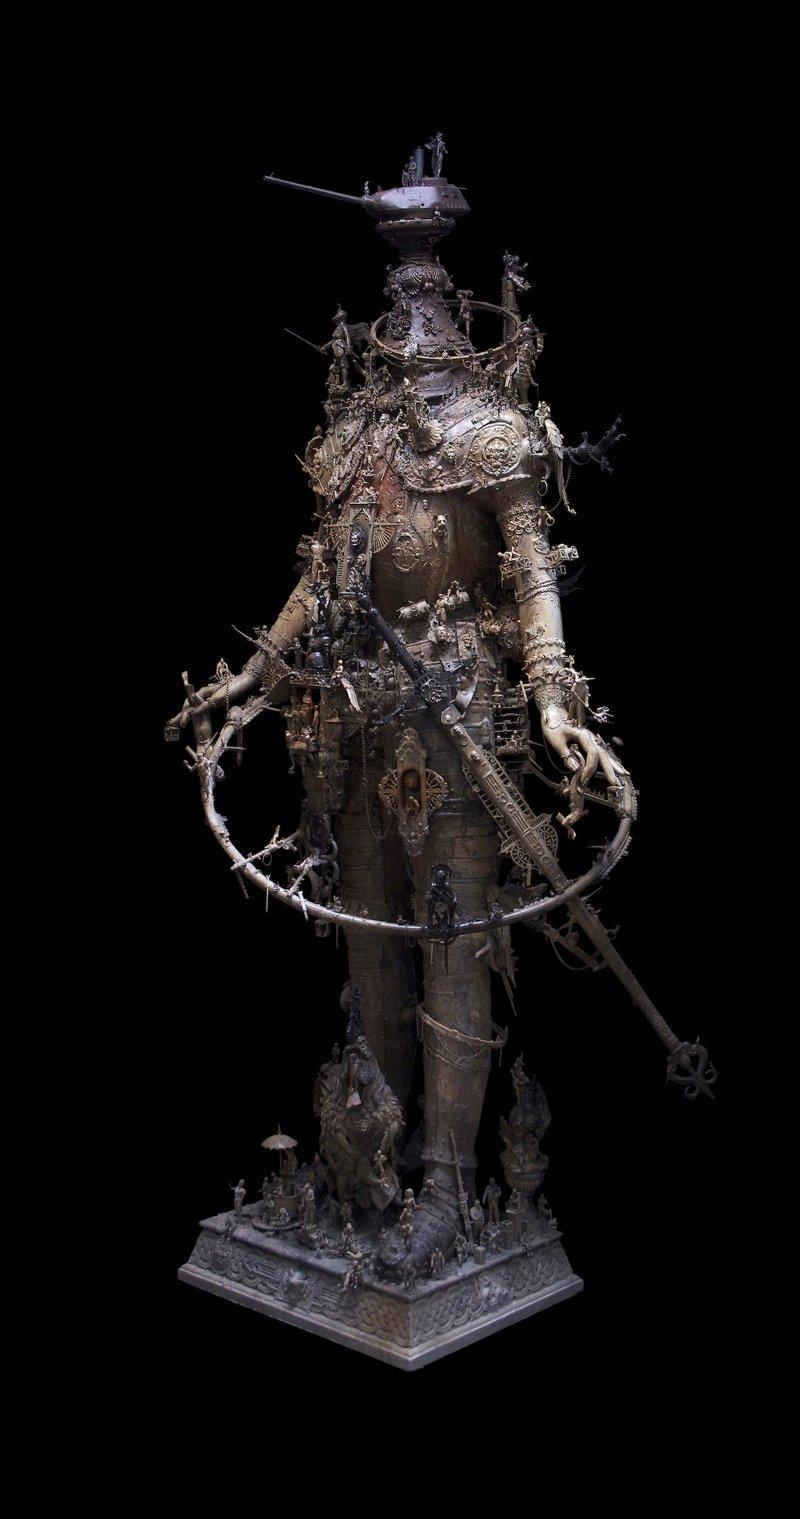 """""""Голова Фердинанда фон Говицера"""" Крис Кукси, бог мелочей, из какого сора, искусство, подручные материалы, скульптура, статуи, творчество"""